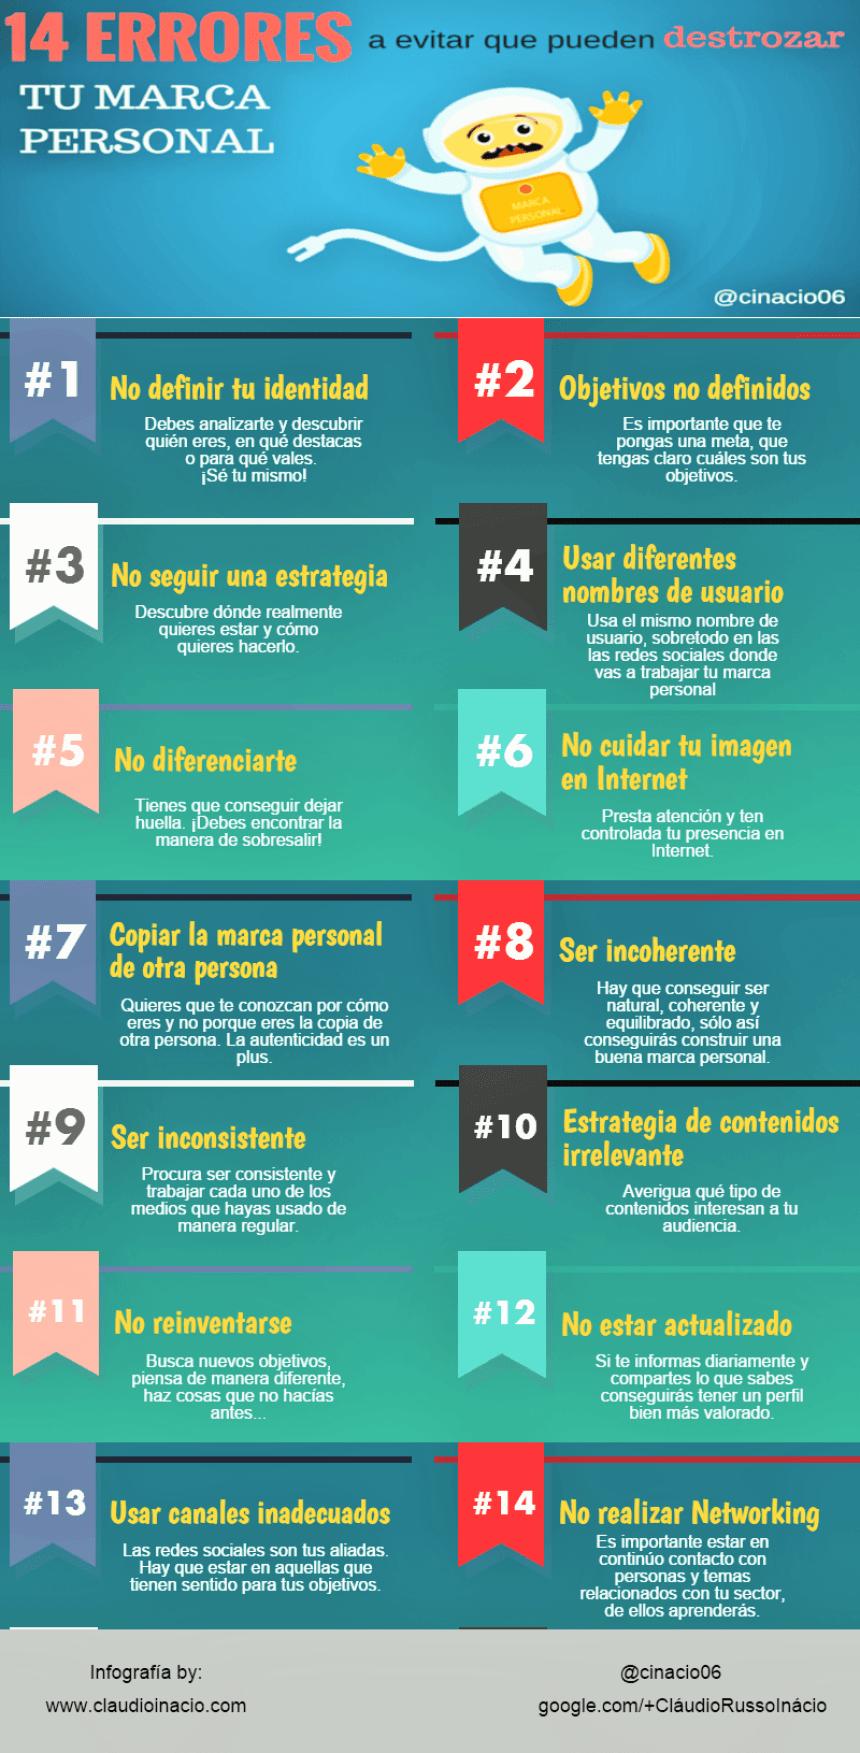 14 errores a evitar con tu Marca Personal #infografia #infographic #marcapersonal